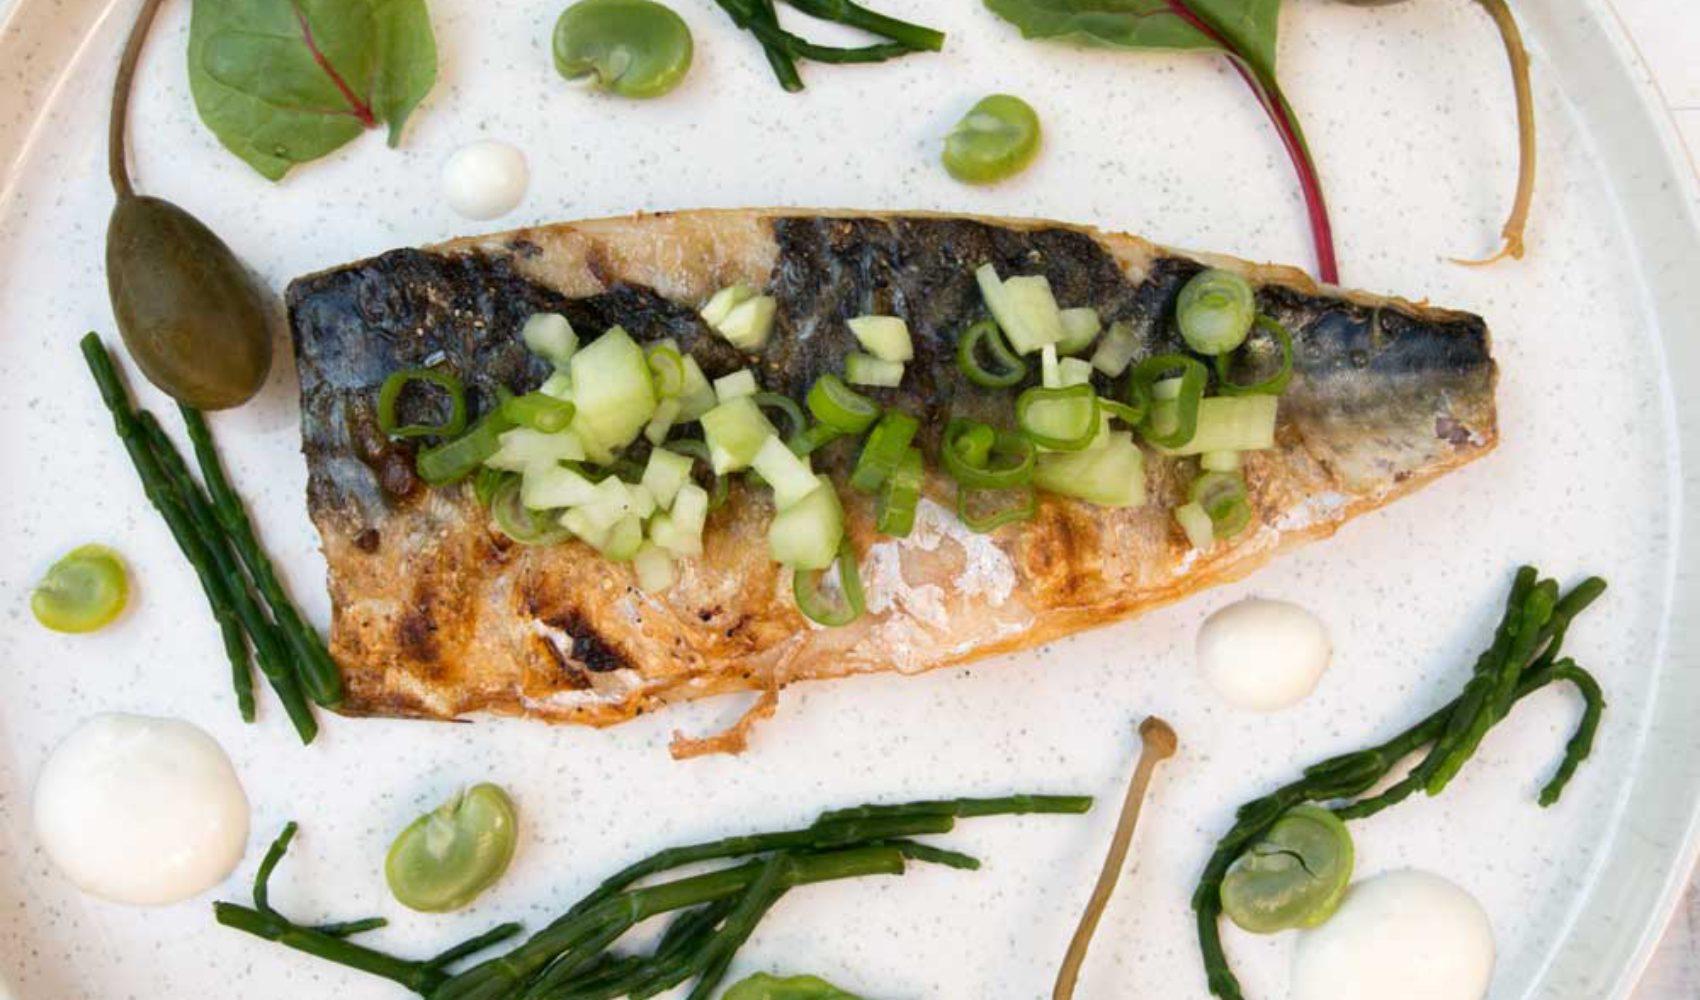 Gegrilltes Makrelenfilet mit Queller, Kapernäpfeln und Meerrettich-Sauce